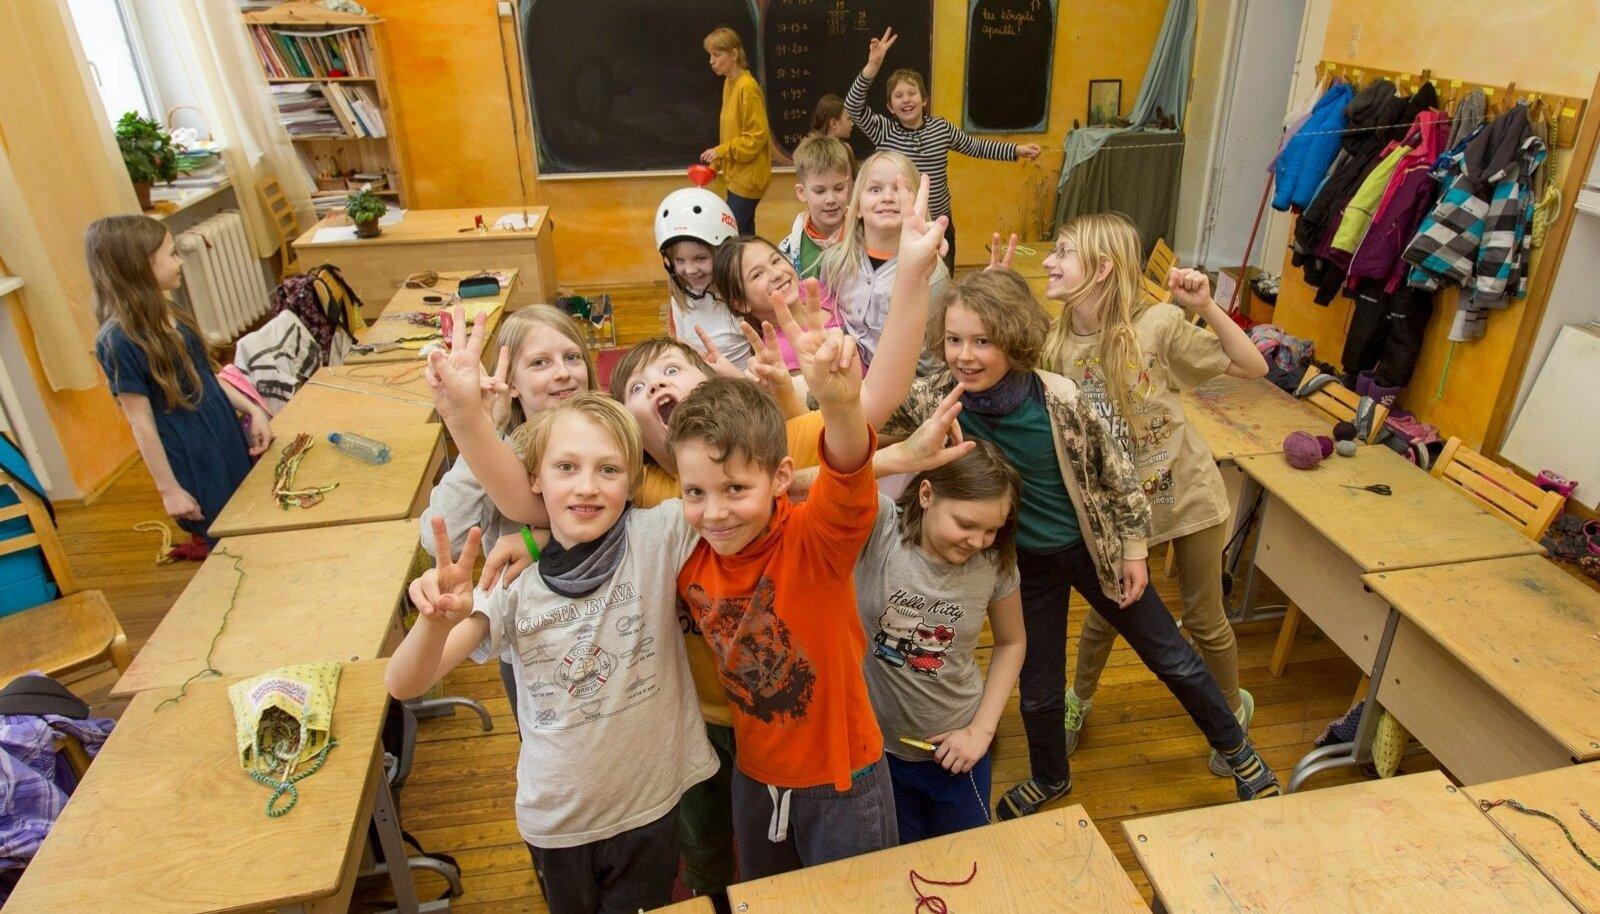 Kõige rohkem probleeme tekitab seadusemuudatus Tallinna erakoolidele, kes on linnaga raha pärast juba pikalt kohut käinud. Üks neist on Tallinna Vaba Waldorfkool.